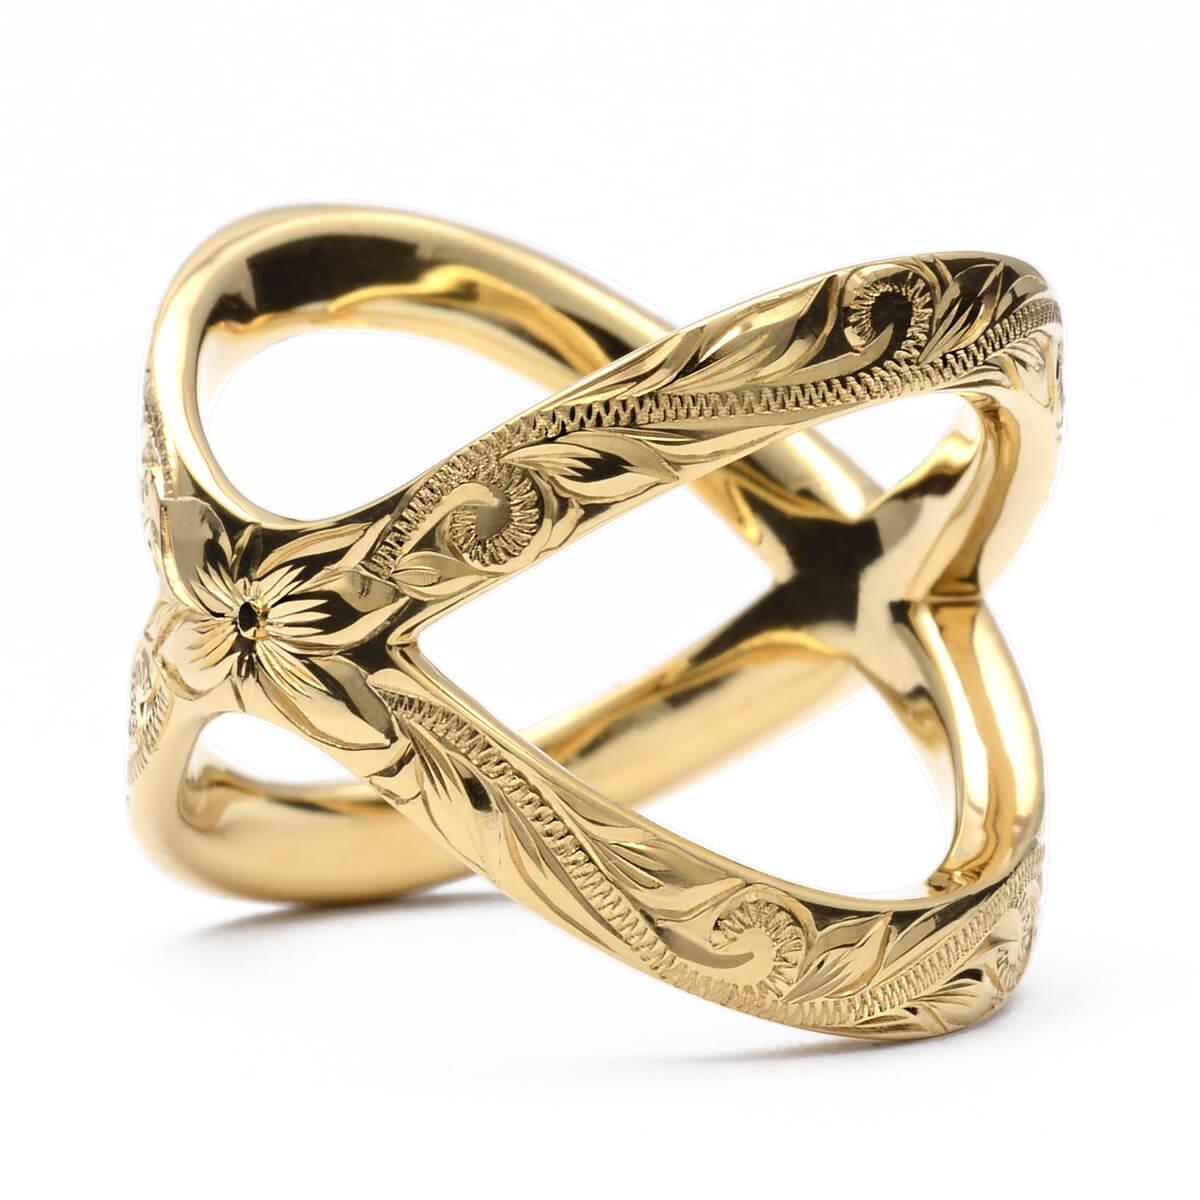 ハワイアンジュエリー リング 指輪 レディース 女性 (weliana) K18 k18 18金 ゴールド イエローゴールドリング プラネタリー イエローゴールド 2wayリング /新作 wri1450